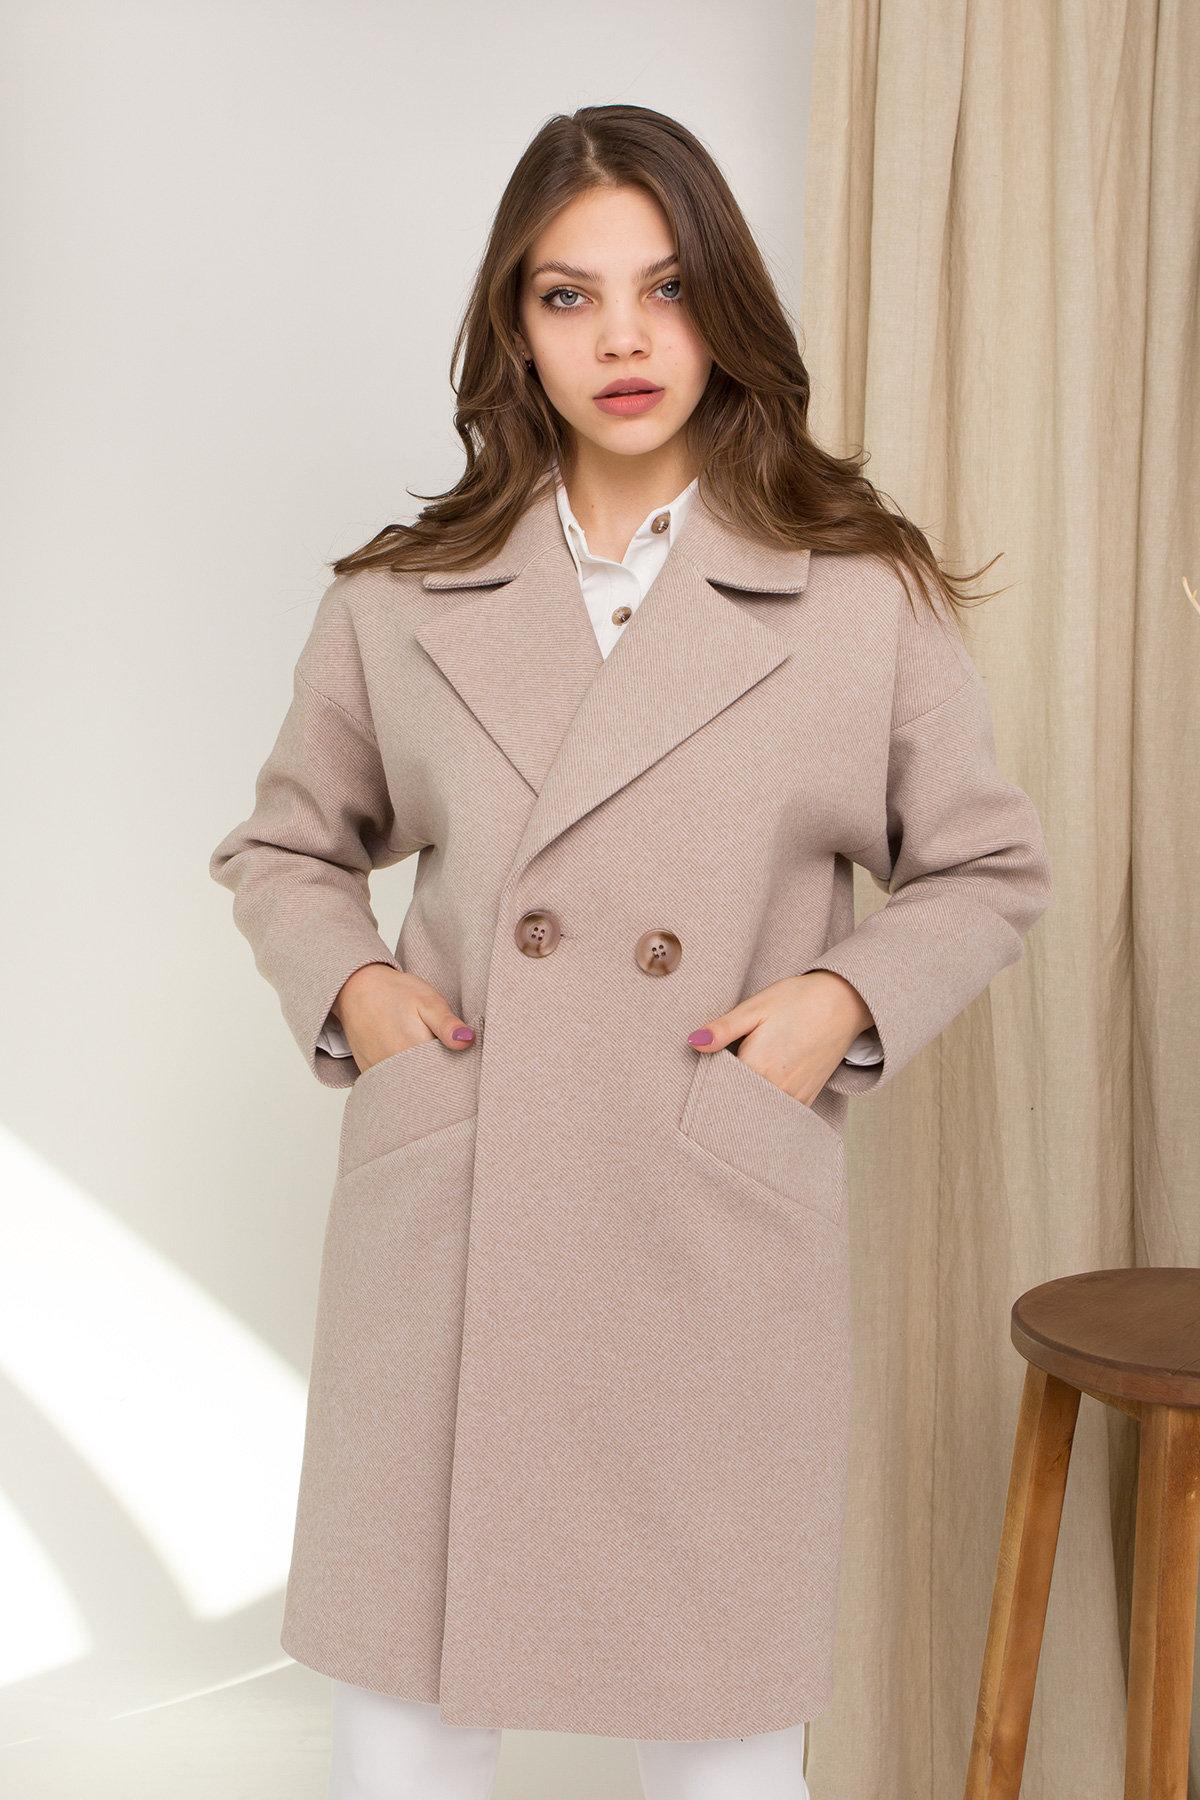 Пальто Сенсей 8907 АРТ. 45368 Цвет: Бежевый - фото 4, интернет магазин tm-modus.ru